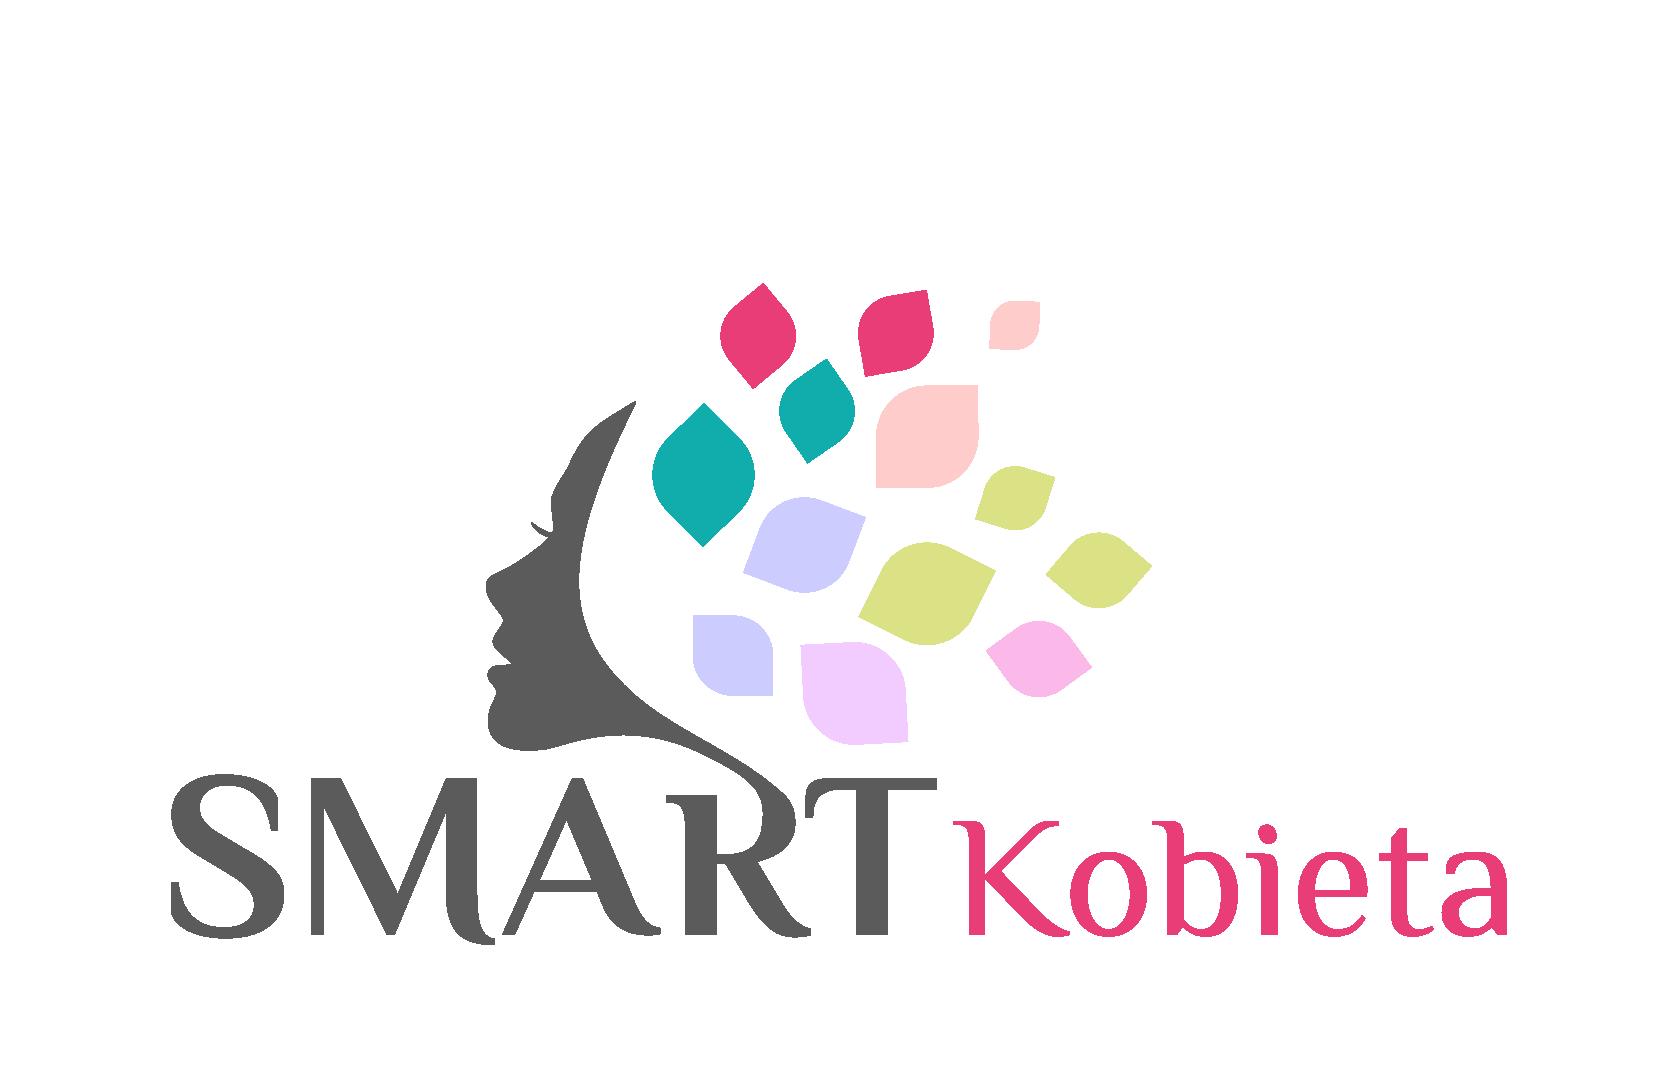 SmartKobieta